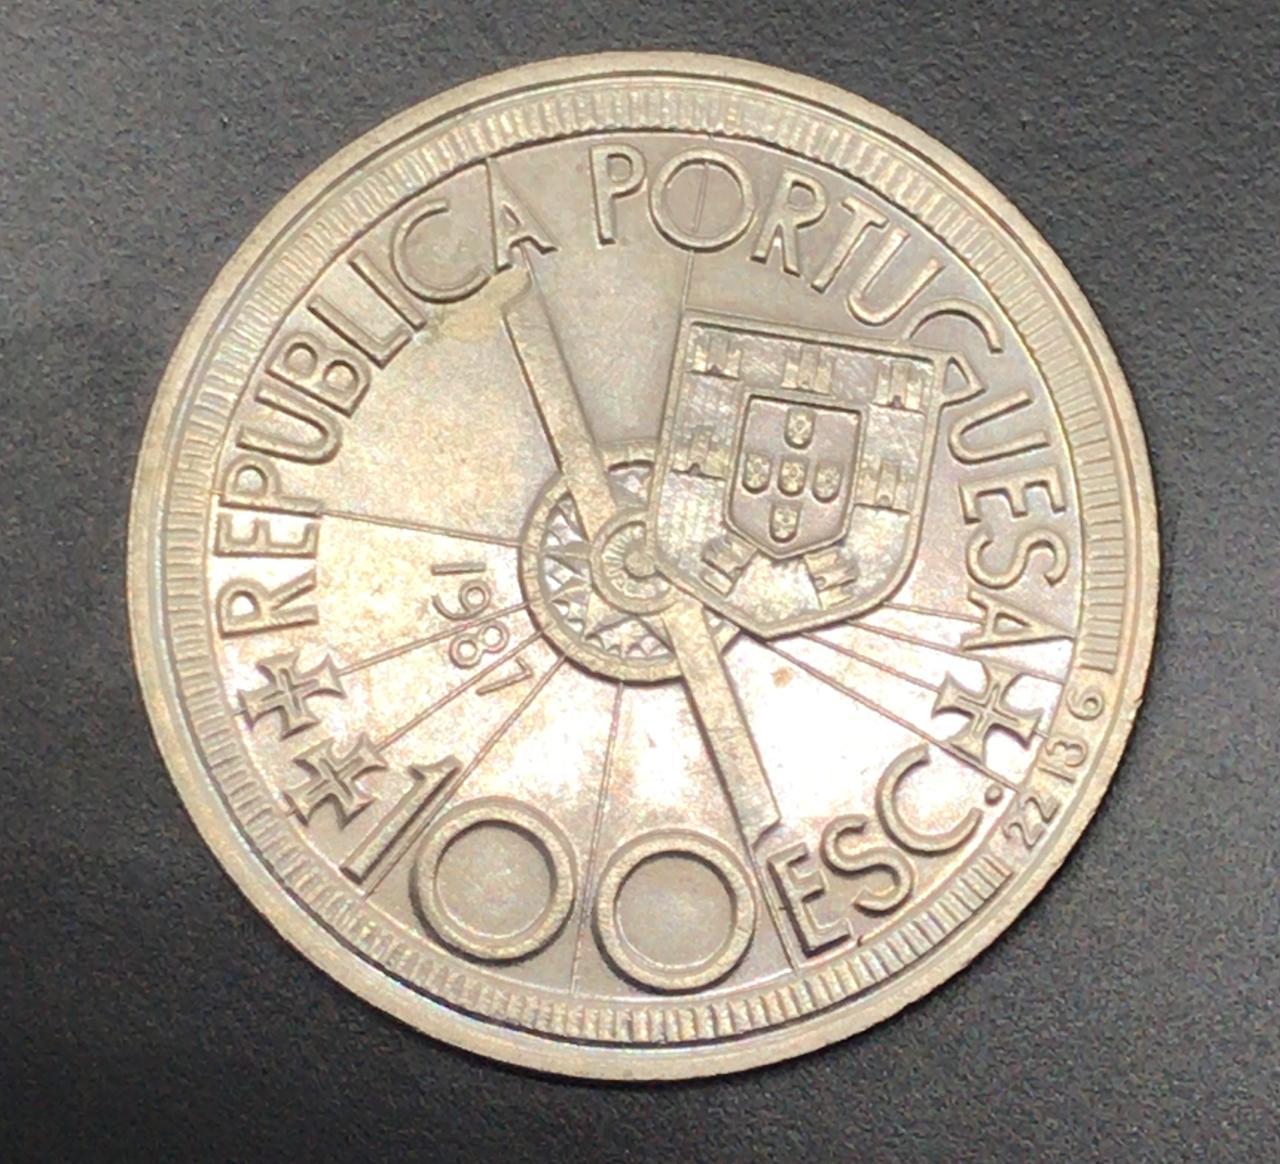 Moeda de Portugal 100 Escudos Diogocao